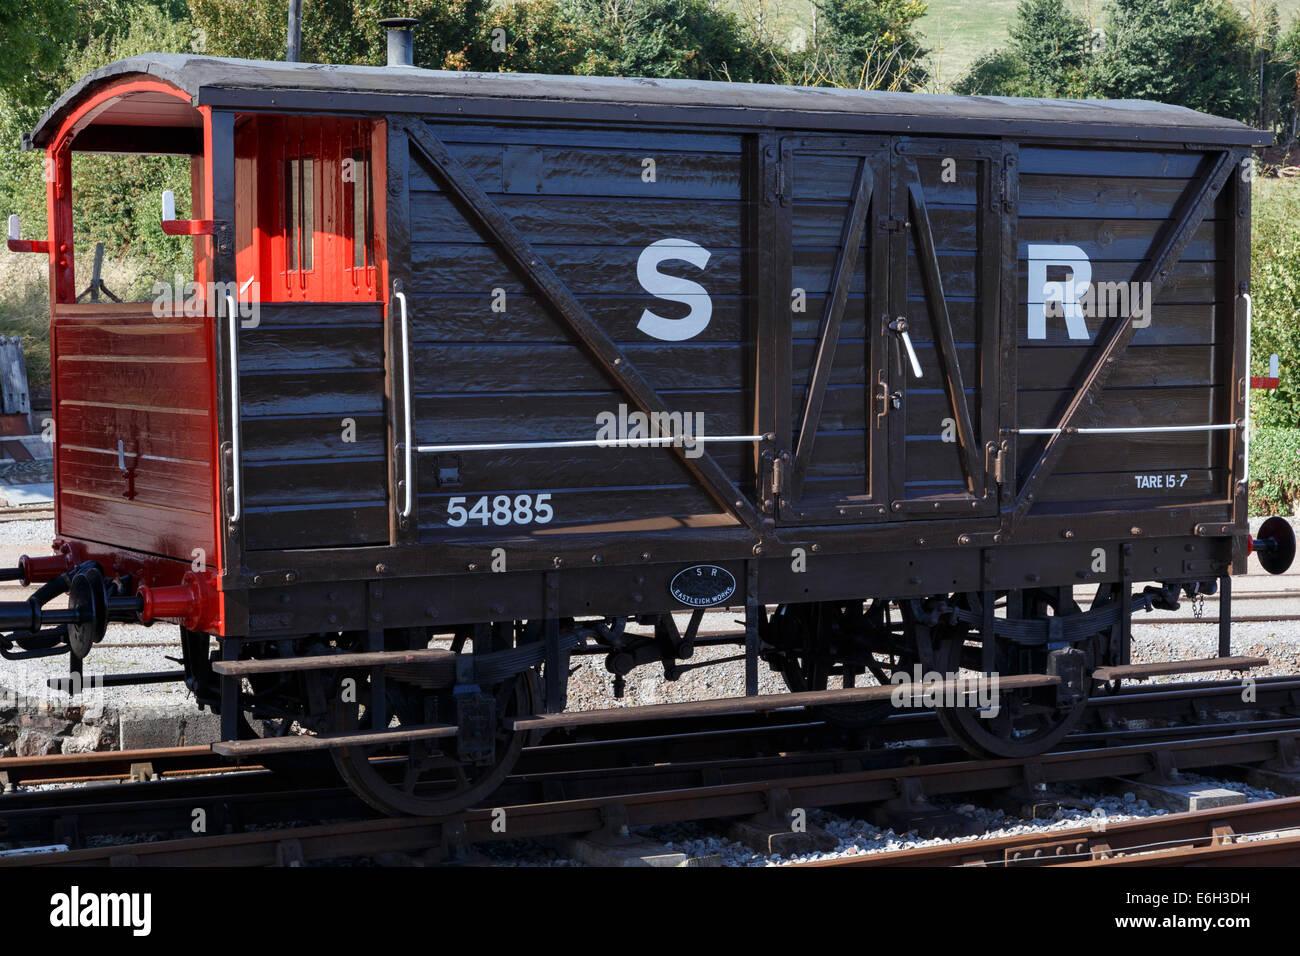 Railway Guards Van Stock Photos Amp Railway Guards Van Stock